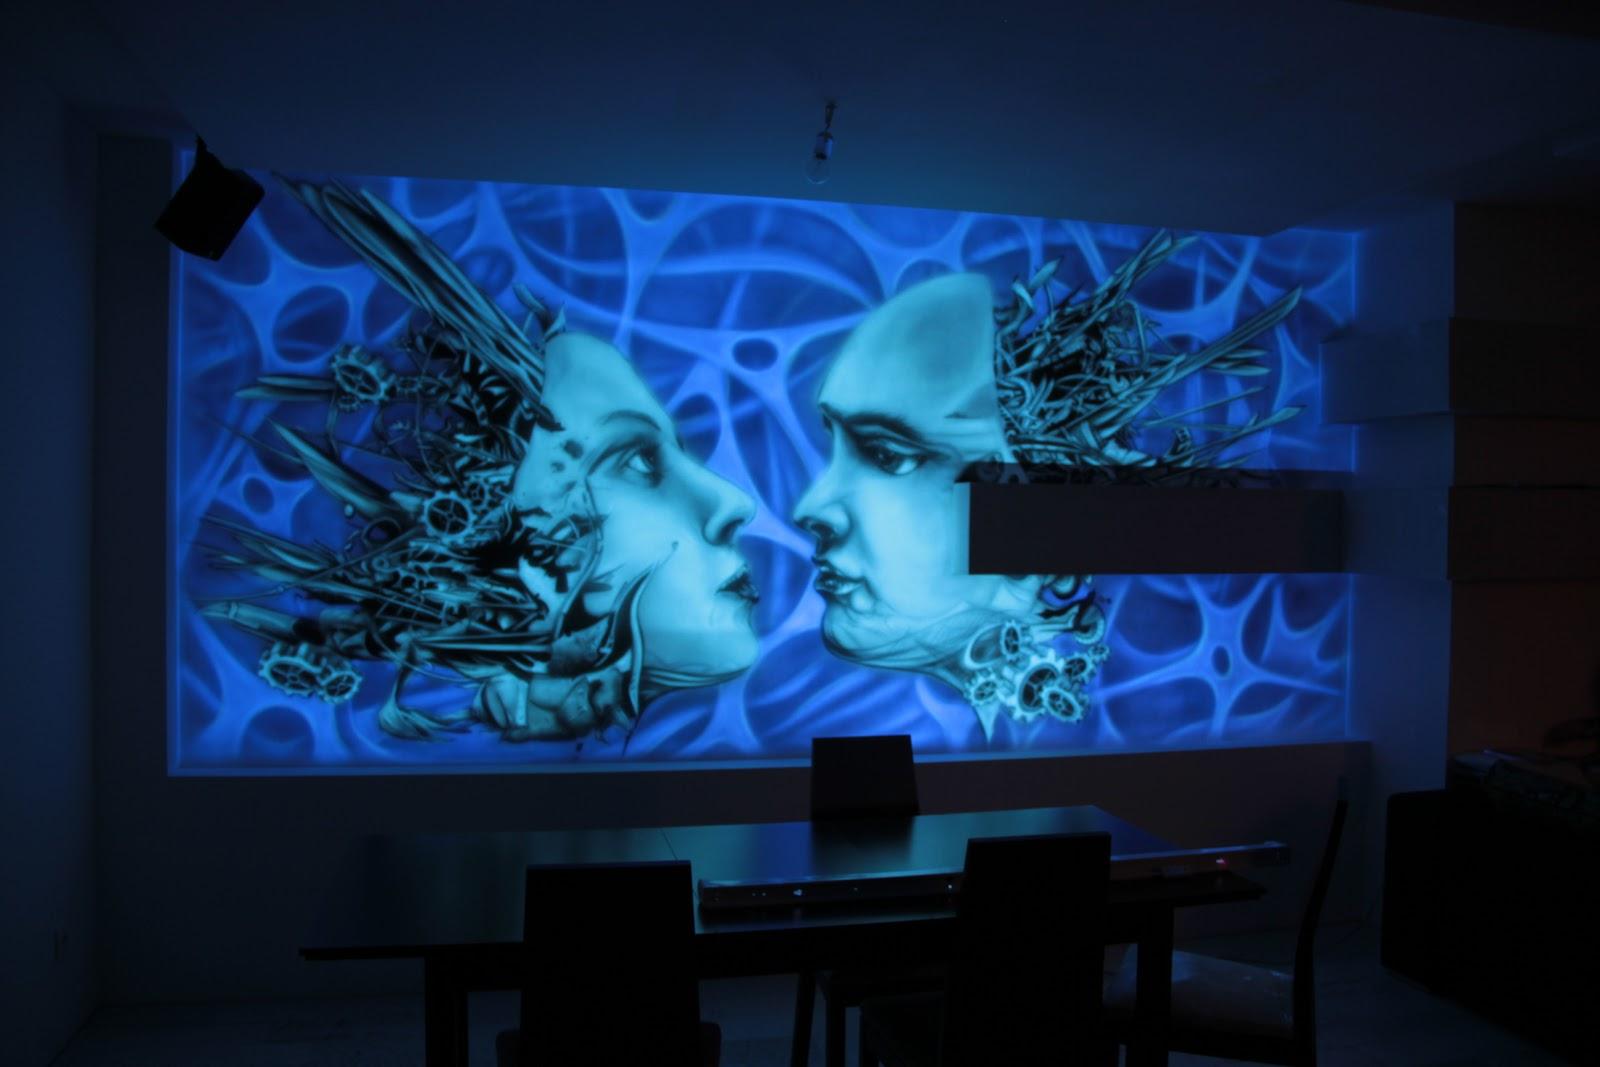 Malowidło ścienne namalowane farbami UV, mural 3d podświetlany UV, blac light mural, Inowrocław